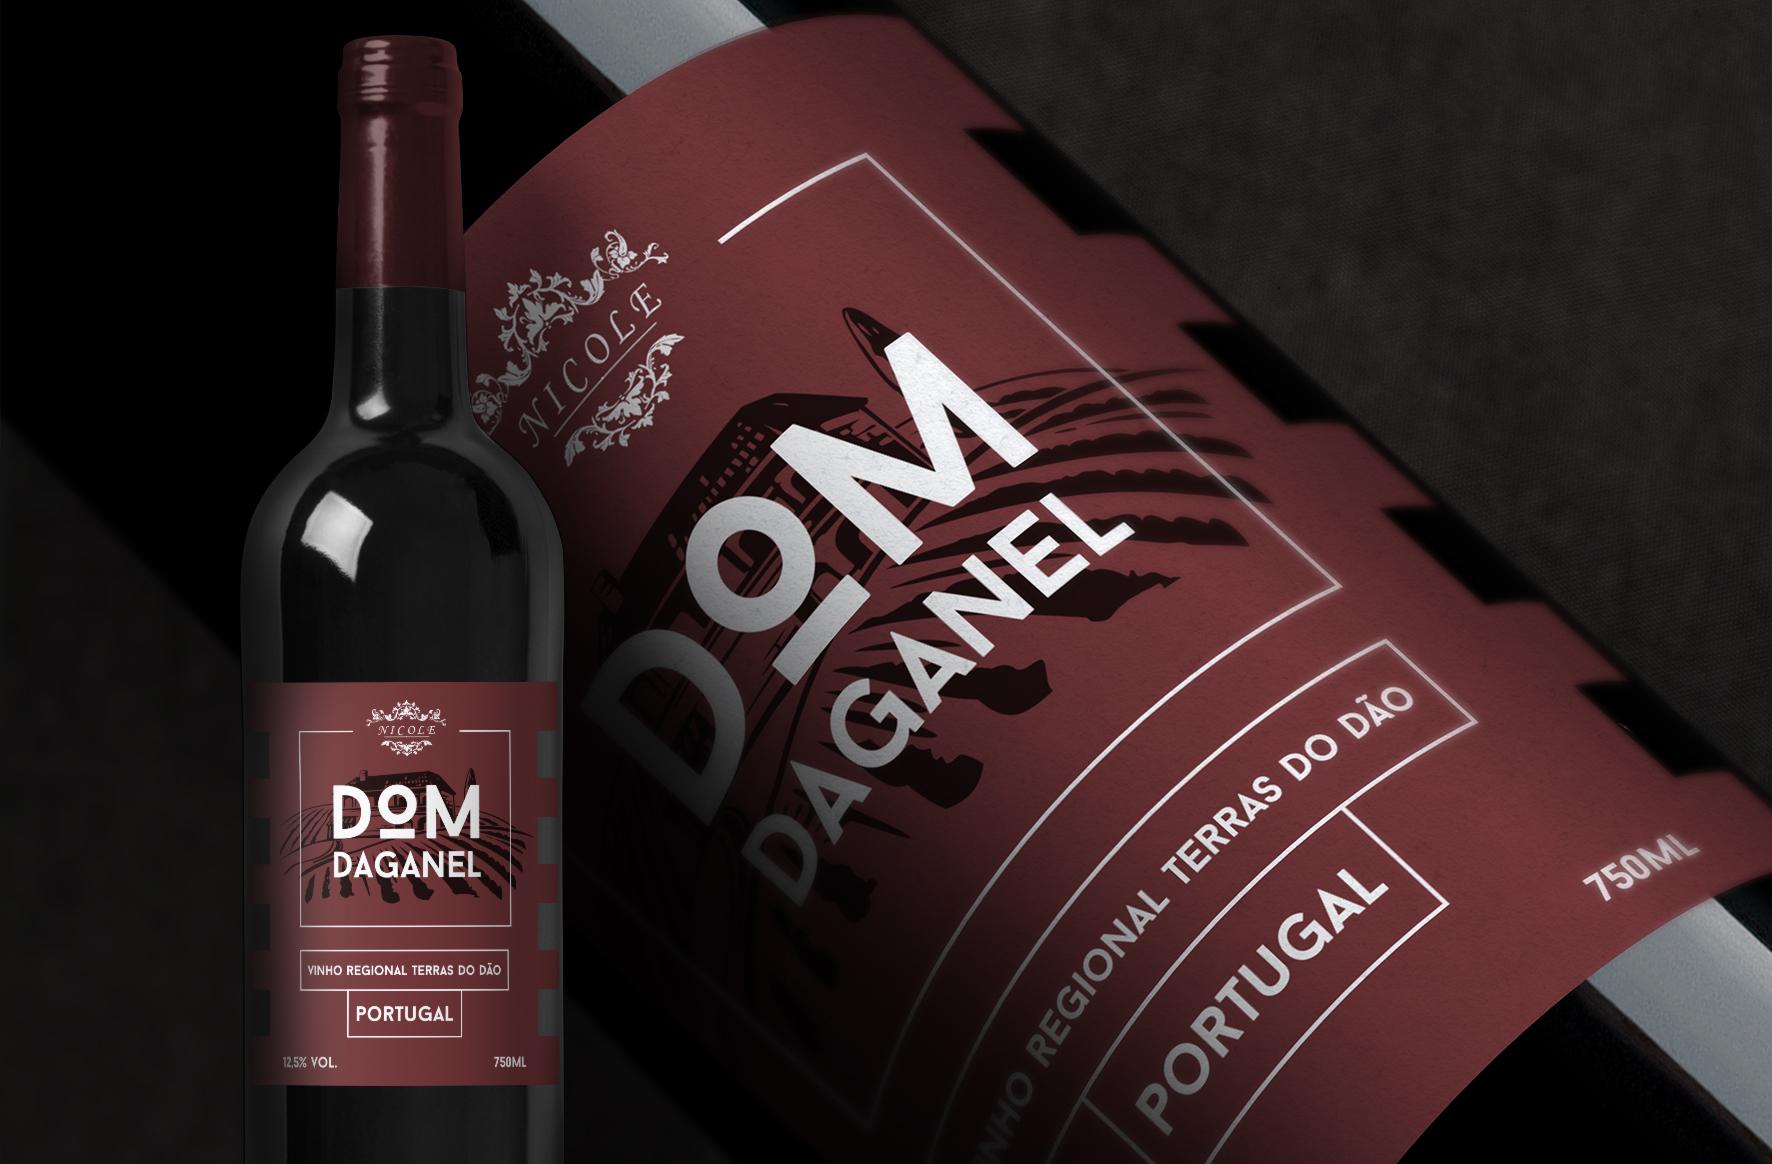 Criação de rótulo para o vinho Dom Daganel da Adega de Silgueiros